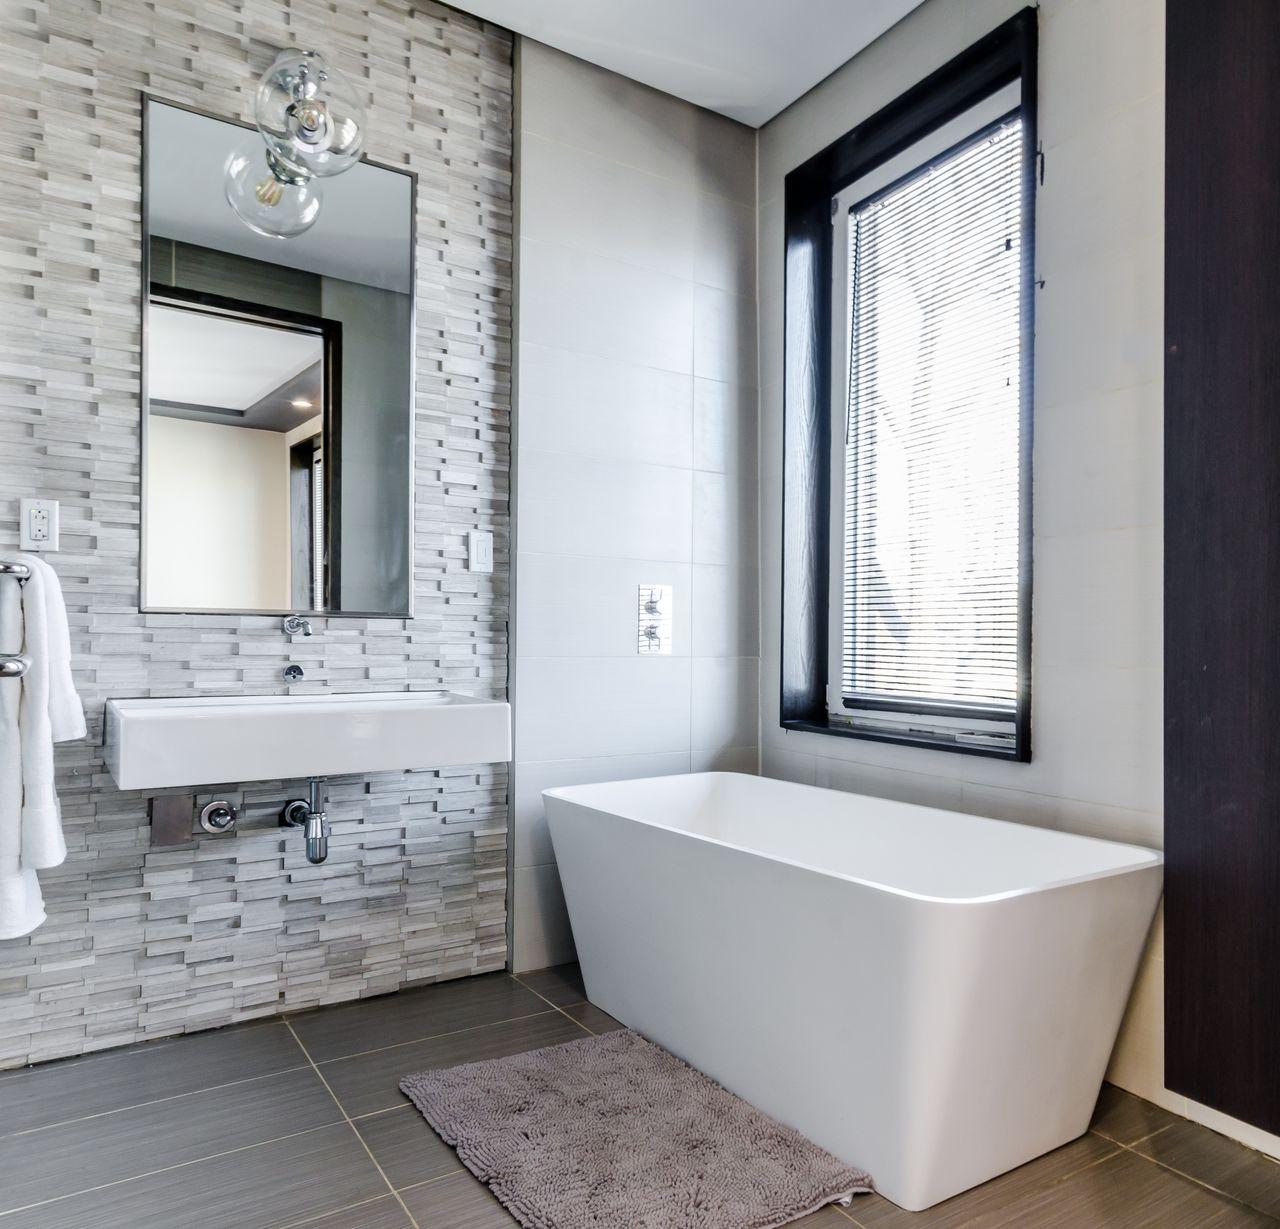 Jak Wybrać Dobre Lustro Do łazienki Armatura Design